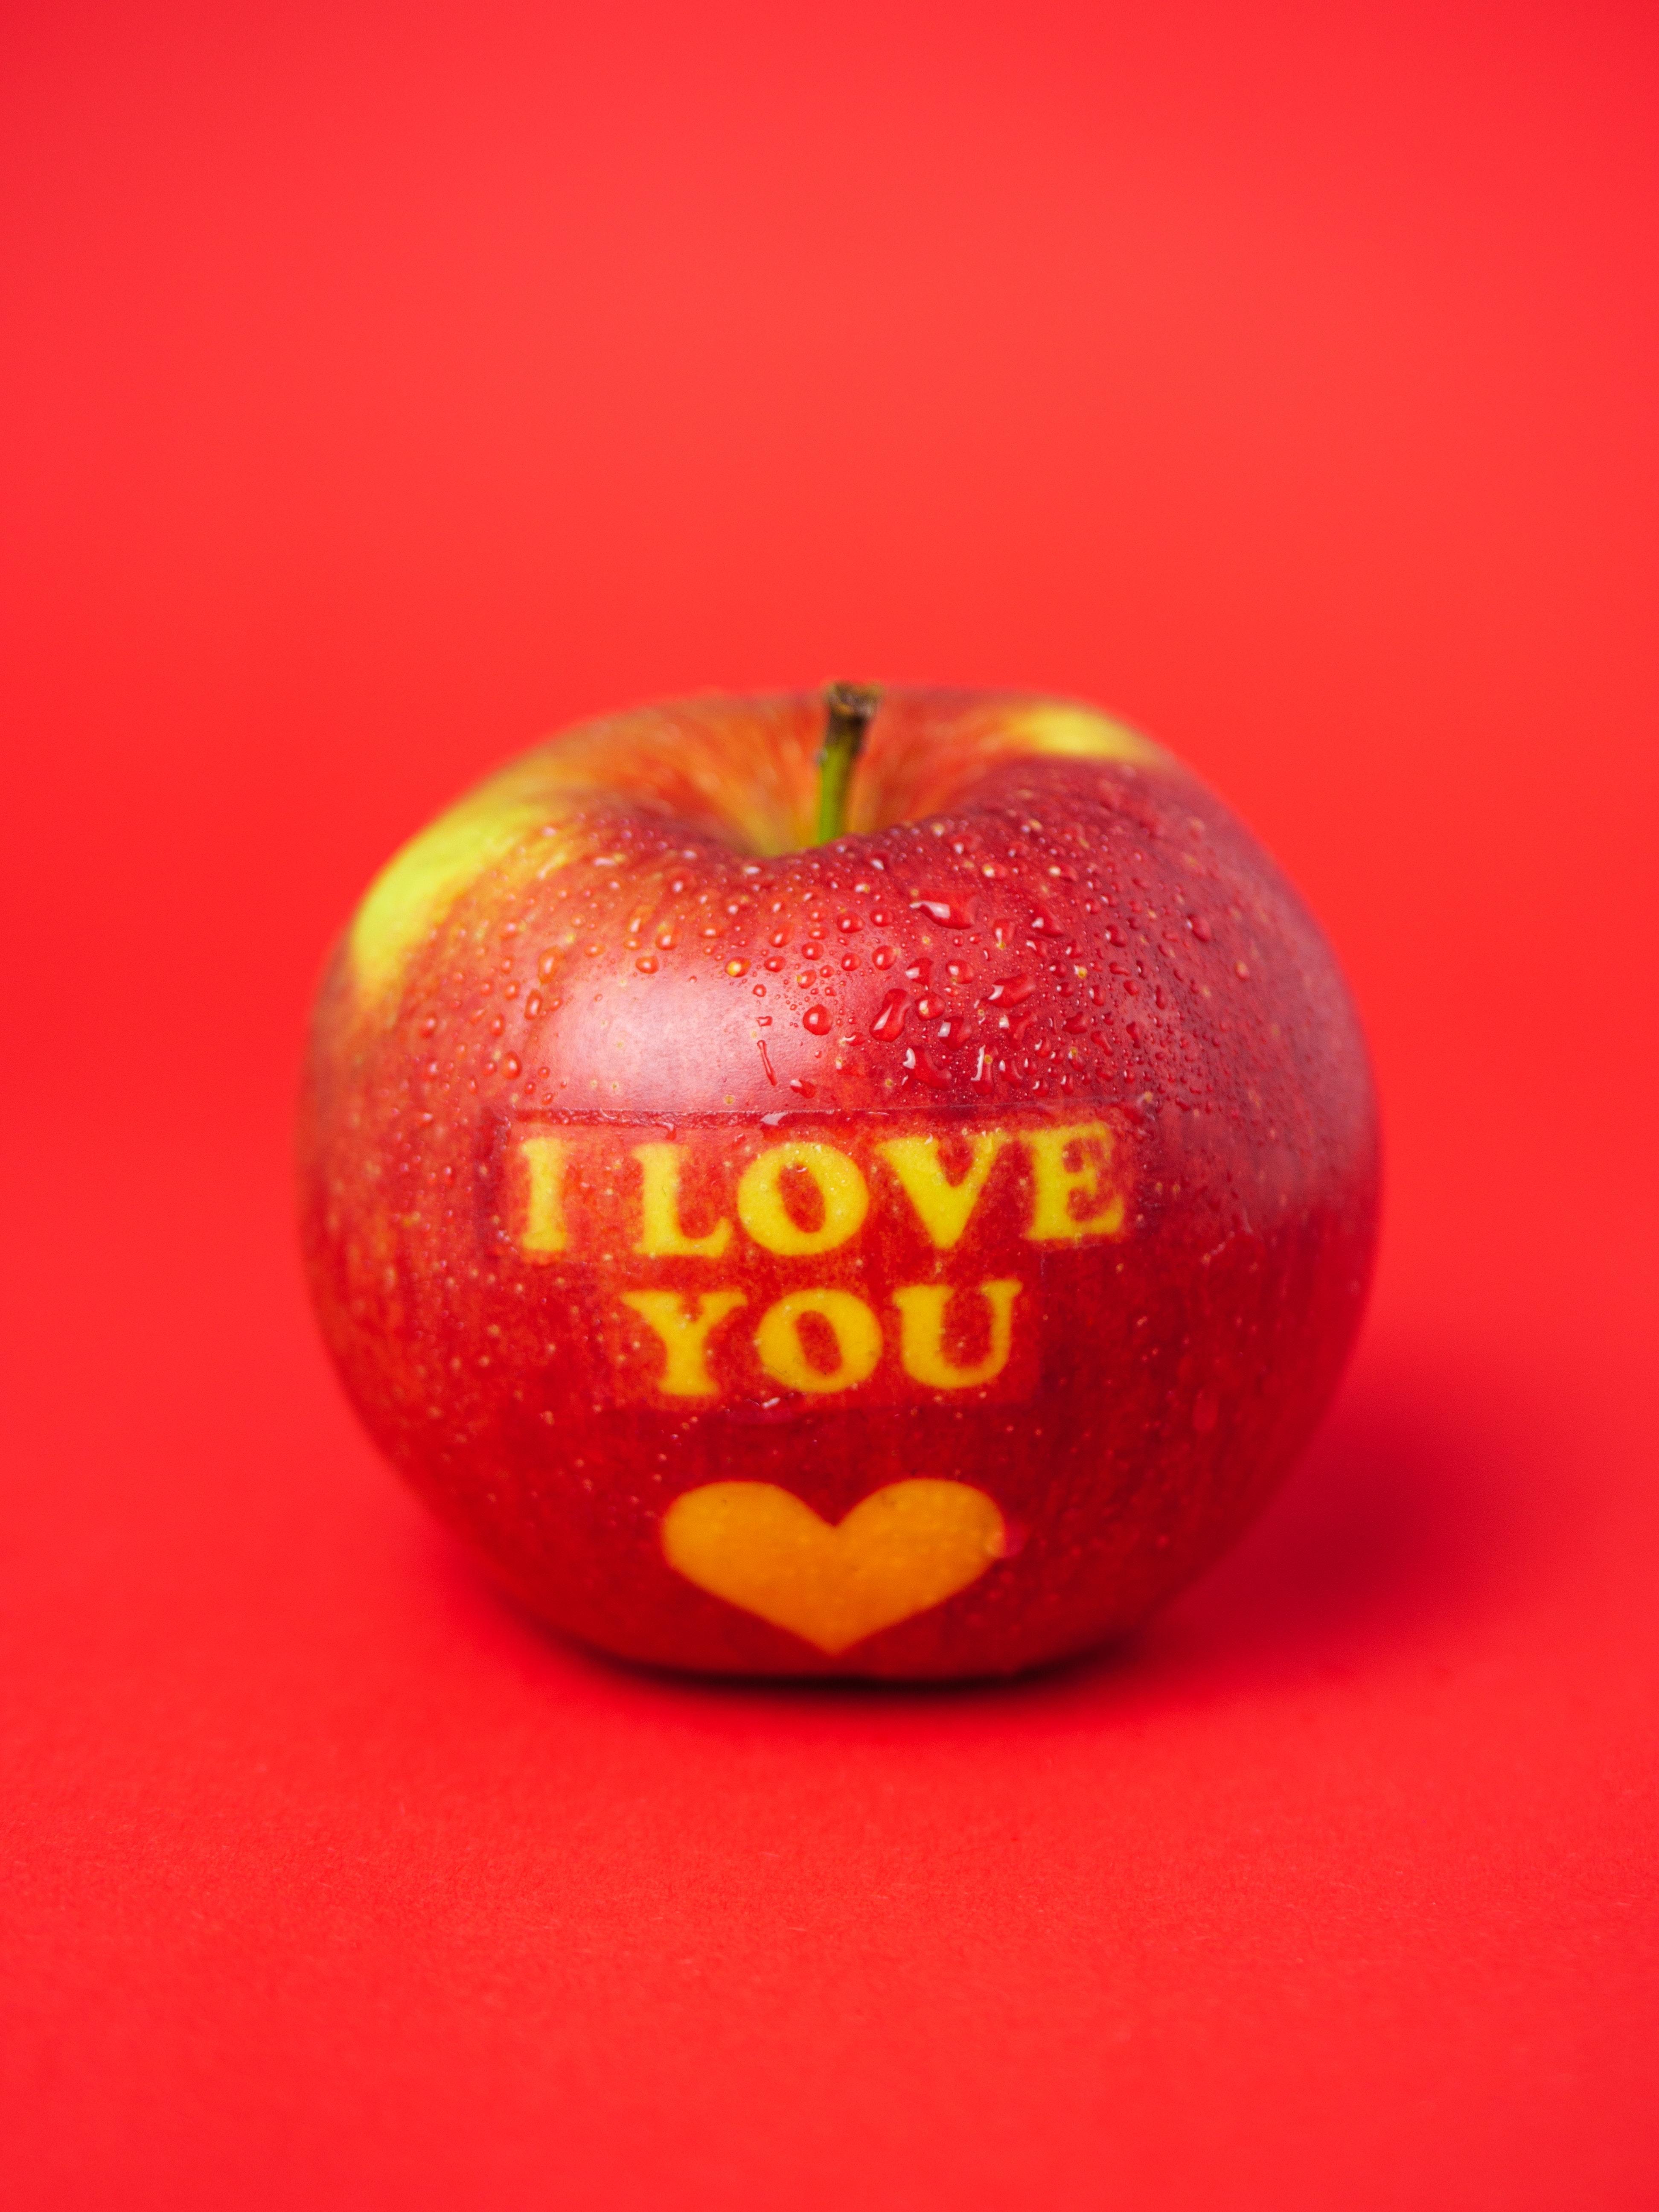 156162 скачать обои Слова, Любовь, Красный, Надпись, Яблоко, Послание - заставки и картинки бесплатно